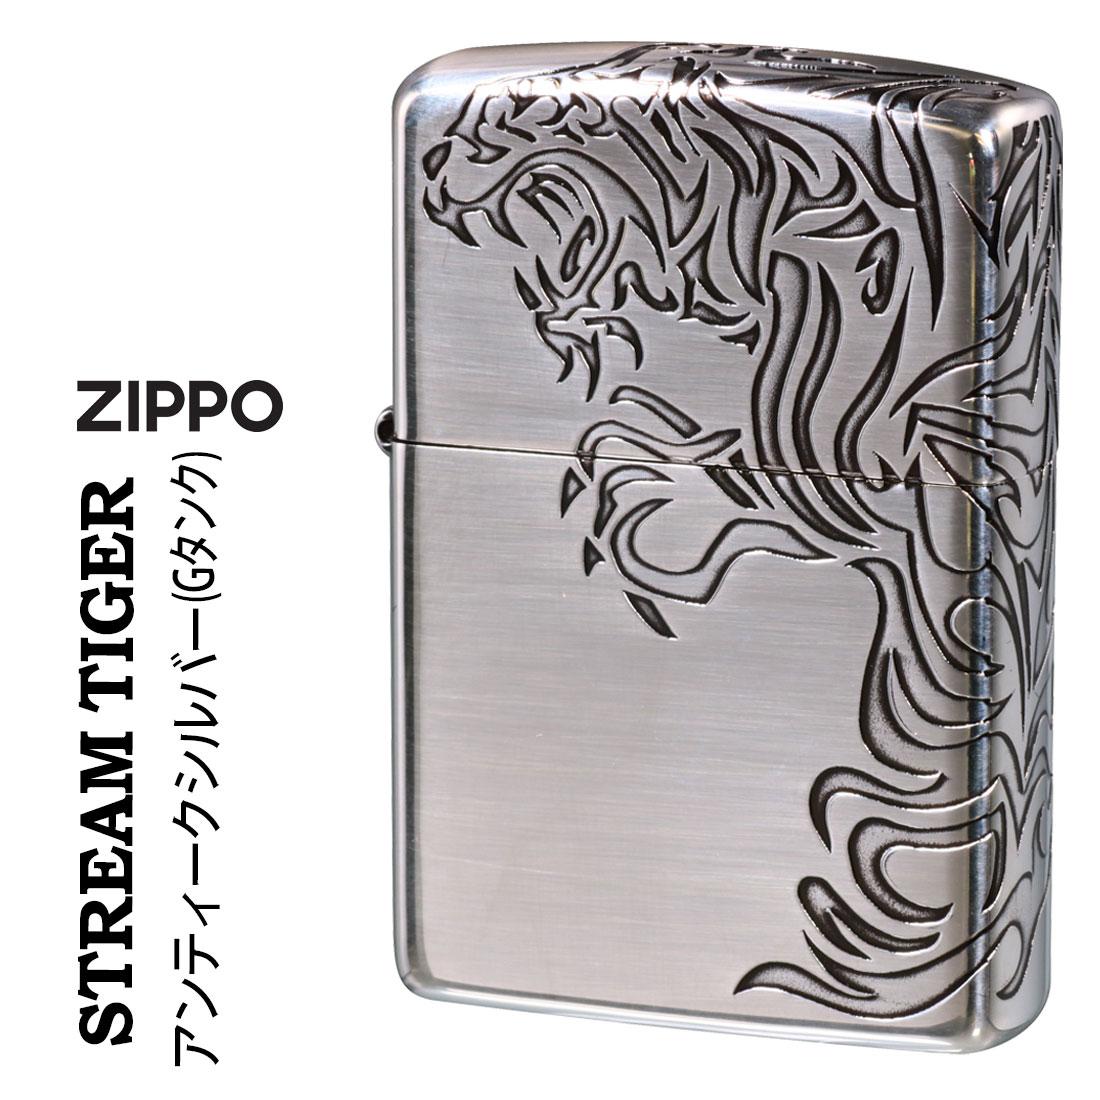 zippo ジッポ ライター 三面連続深彫りエッチング STREAM TIGER B 銀古美仕上げG・タンク ジッポーライター